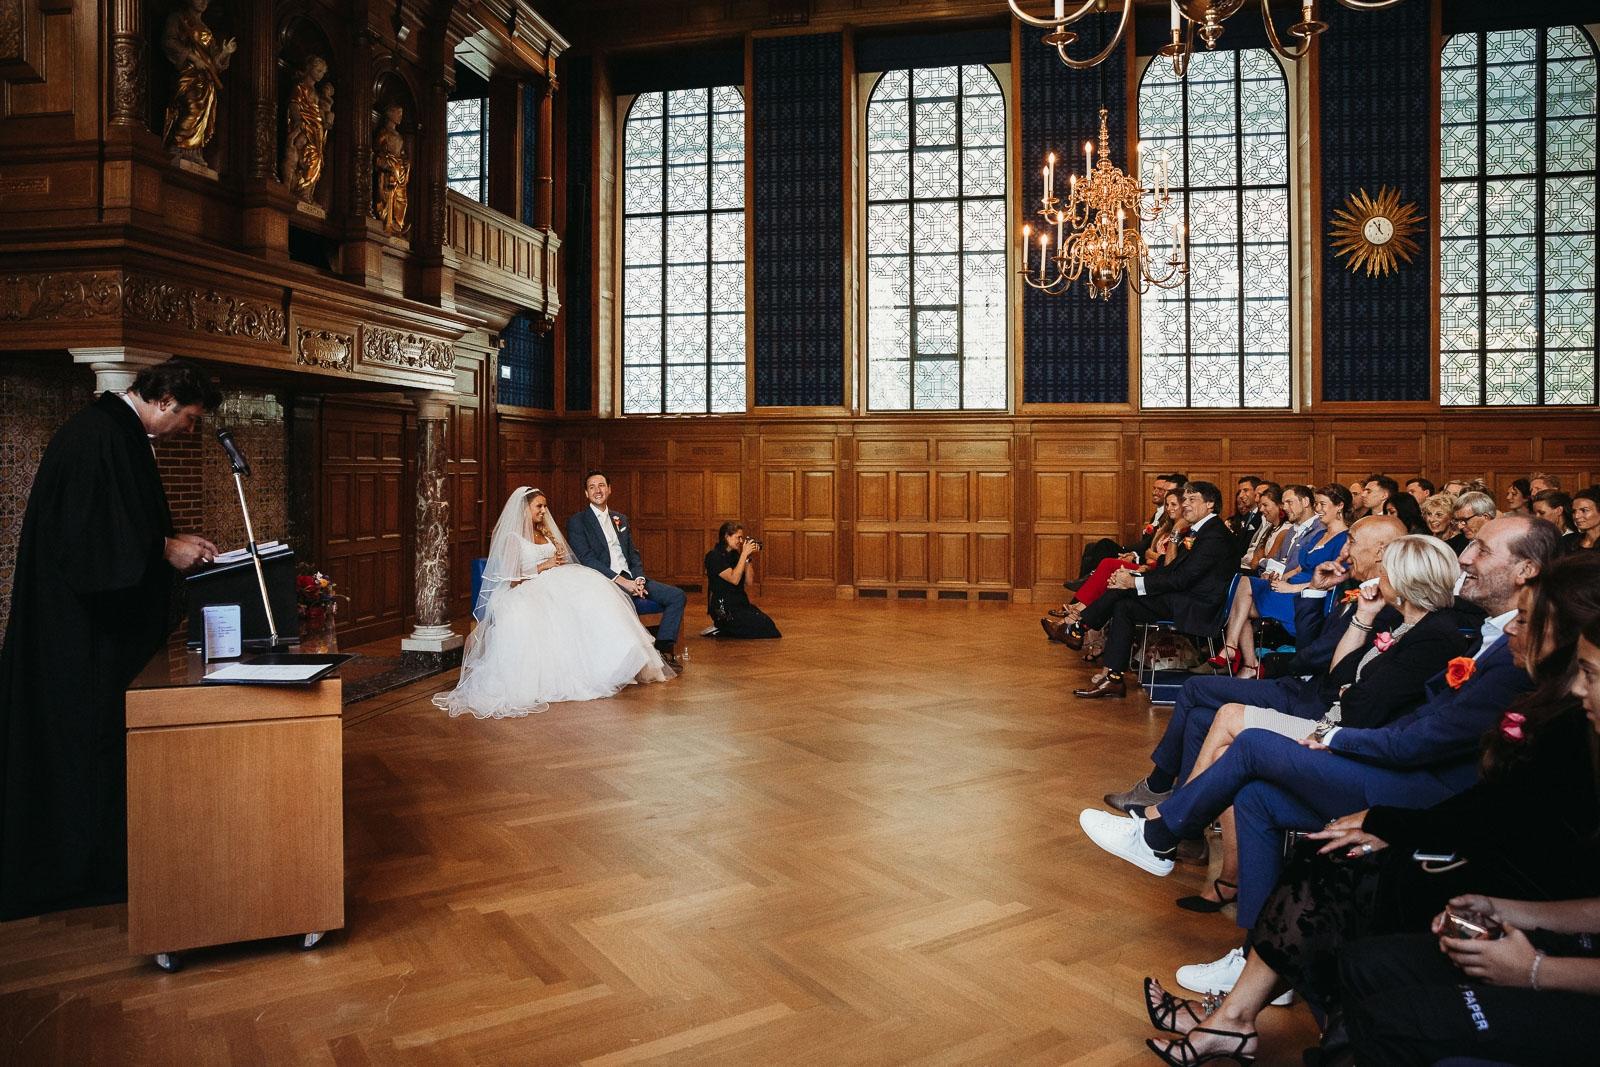 Photographe d'Utrecht travaillant à un mariage à l'église lors de la cérémonie.